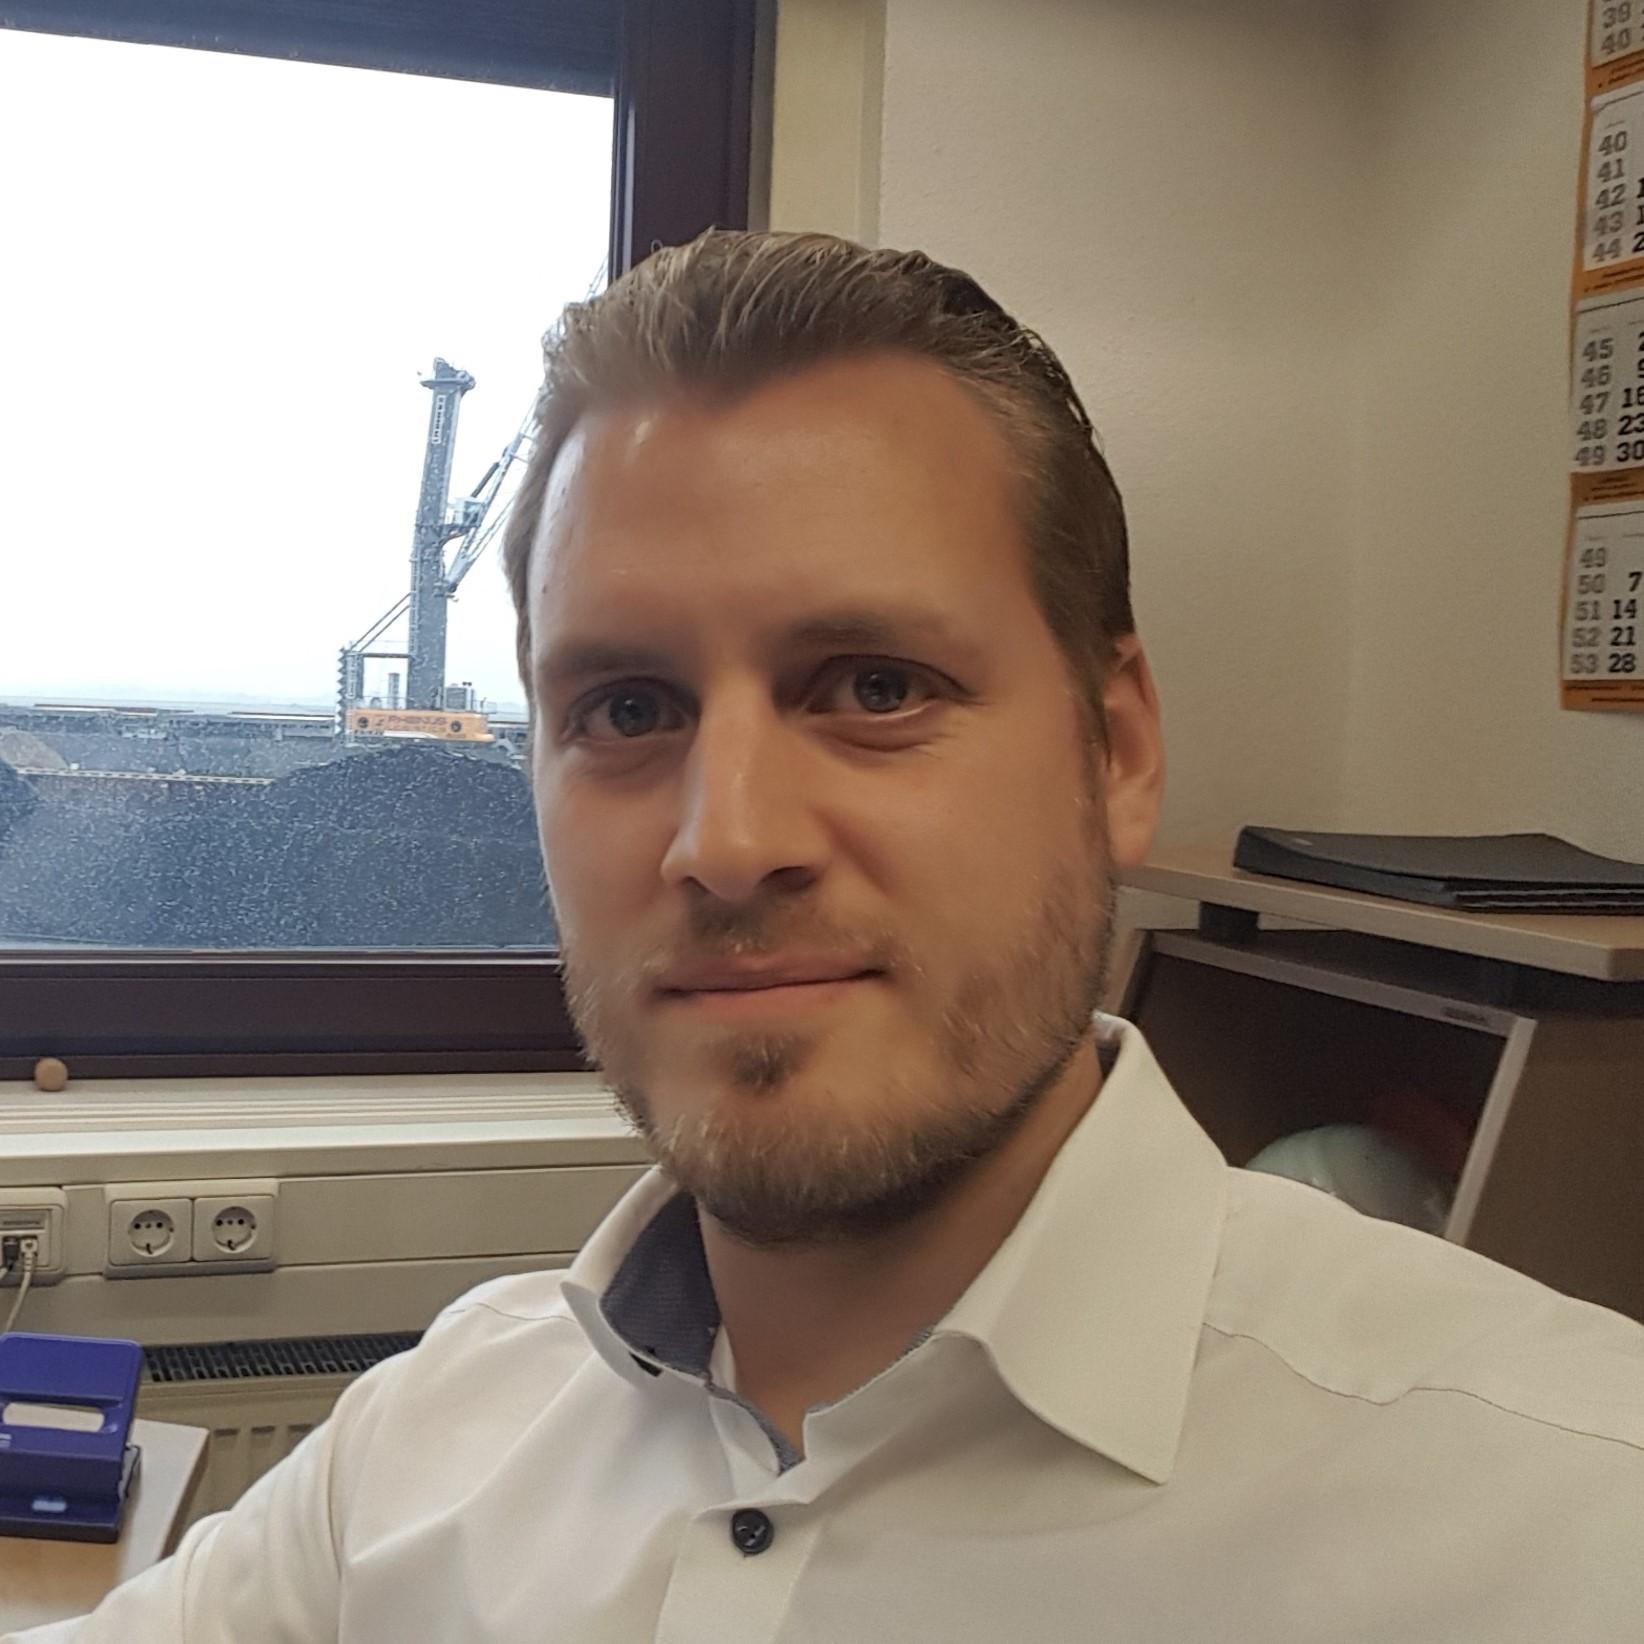 https://seaports.de/content/uploads/Nordenham_Soeren_Gayk.quadratischjpg.jpg